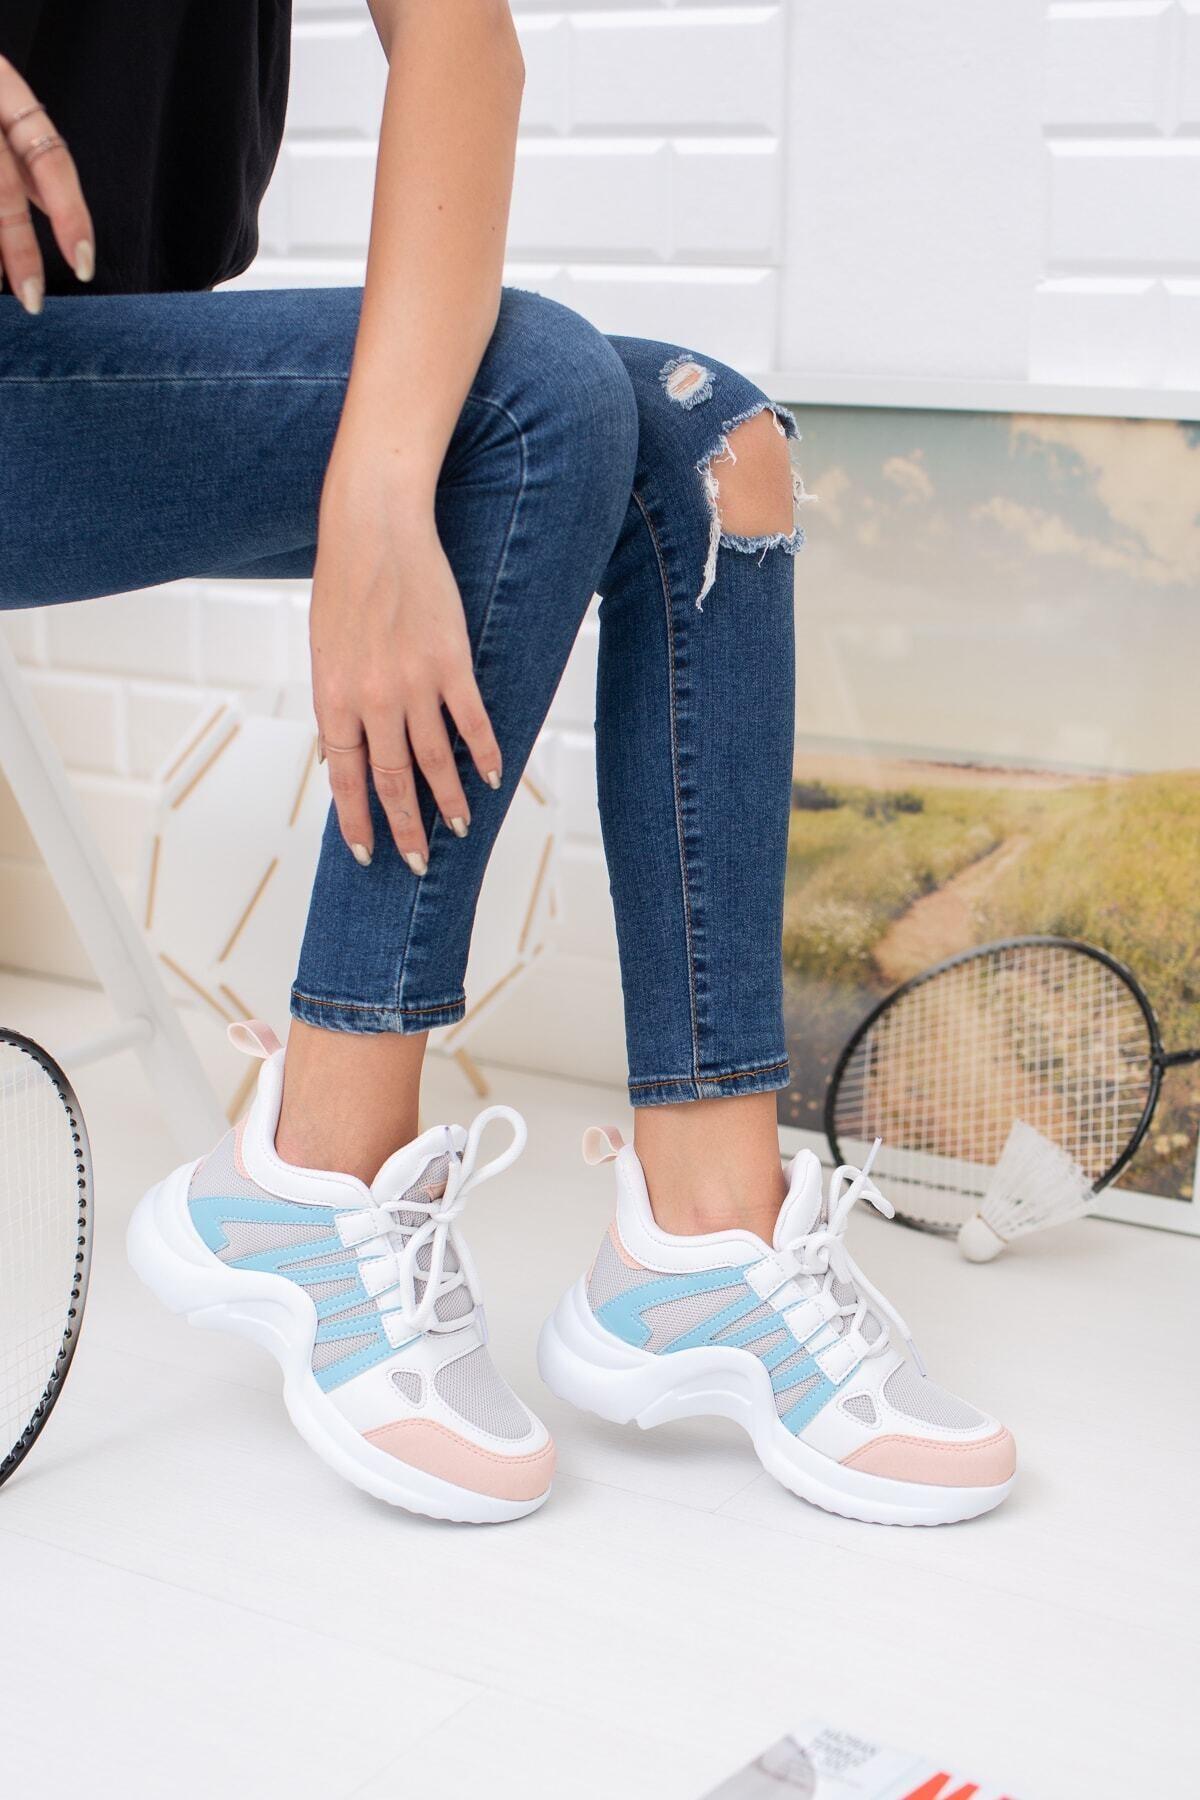 meyra'nın ayakkabıları Mavi Pembe Spor Ayakkabı 2